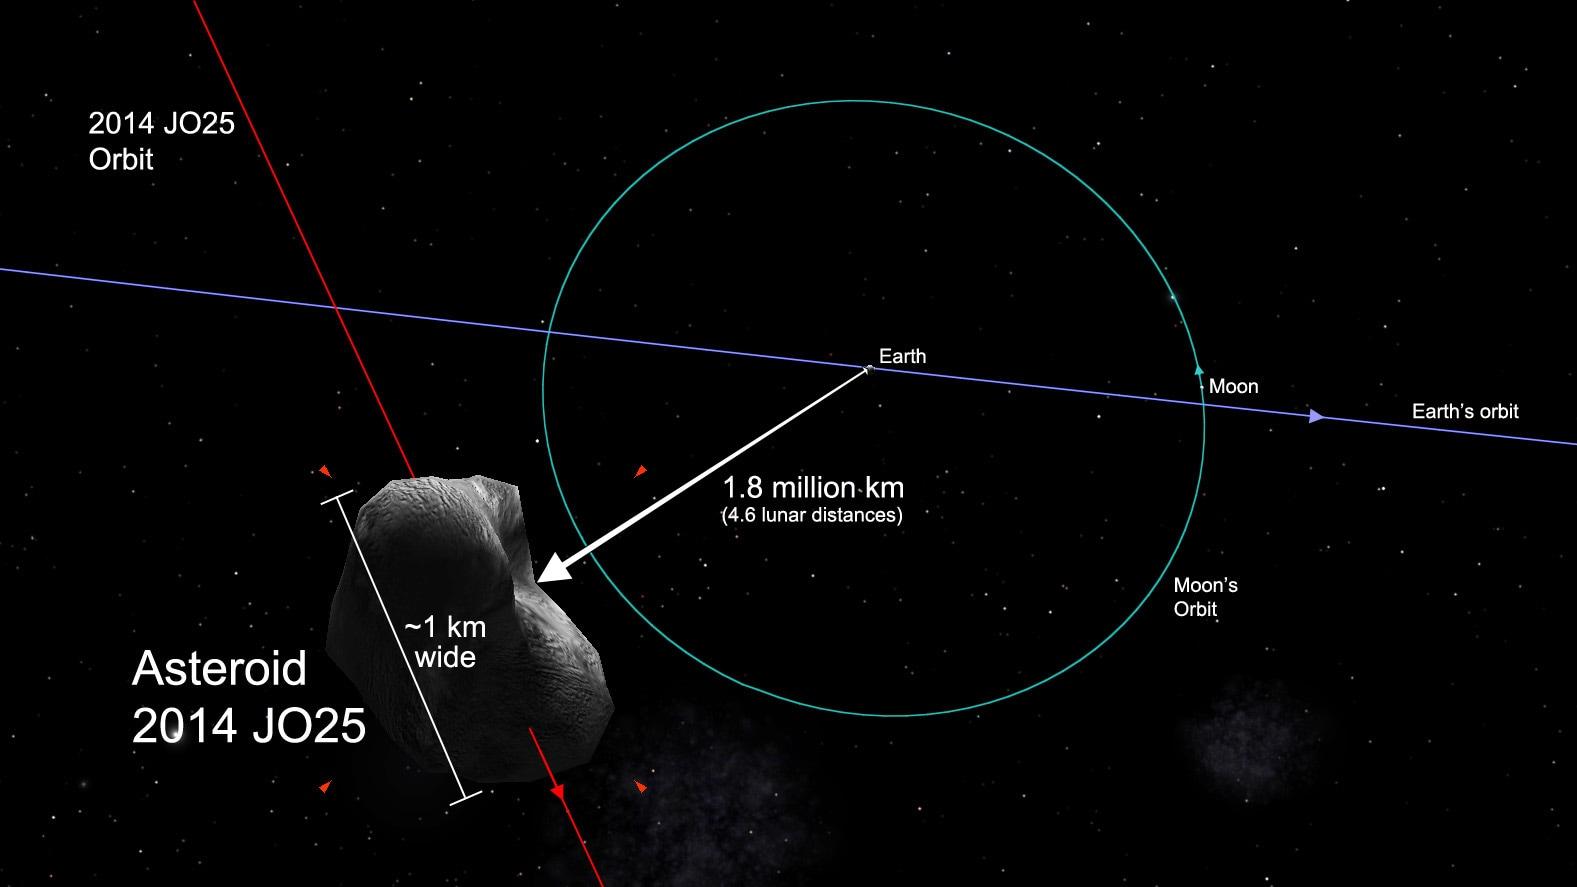 Le immagini di un asteroide in direzione Terra